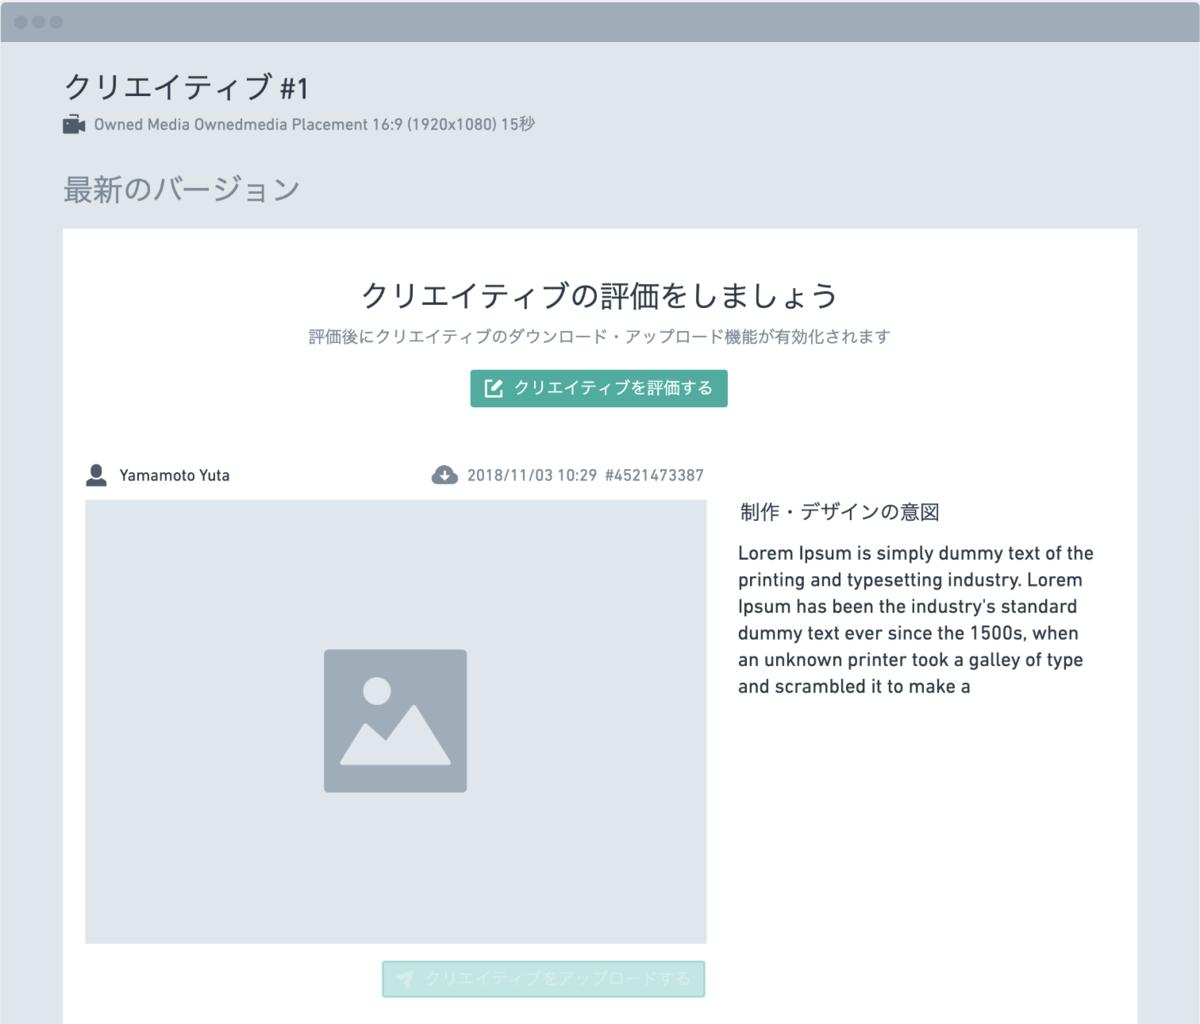 f:id:kaizenplatform:20190325141210p:plain